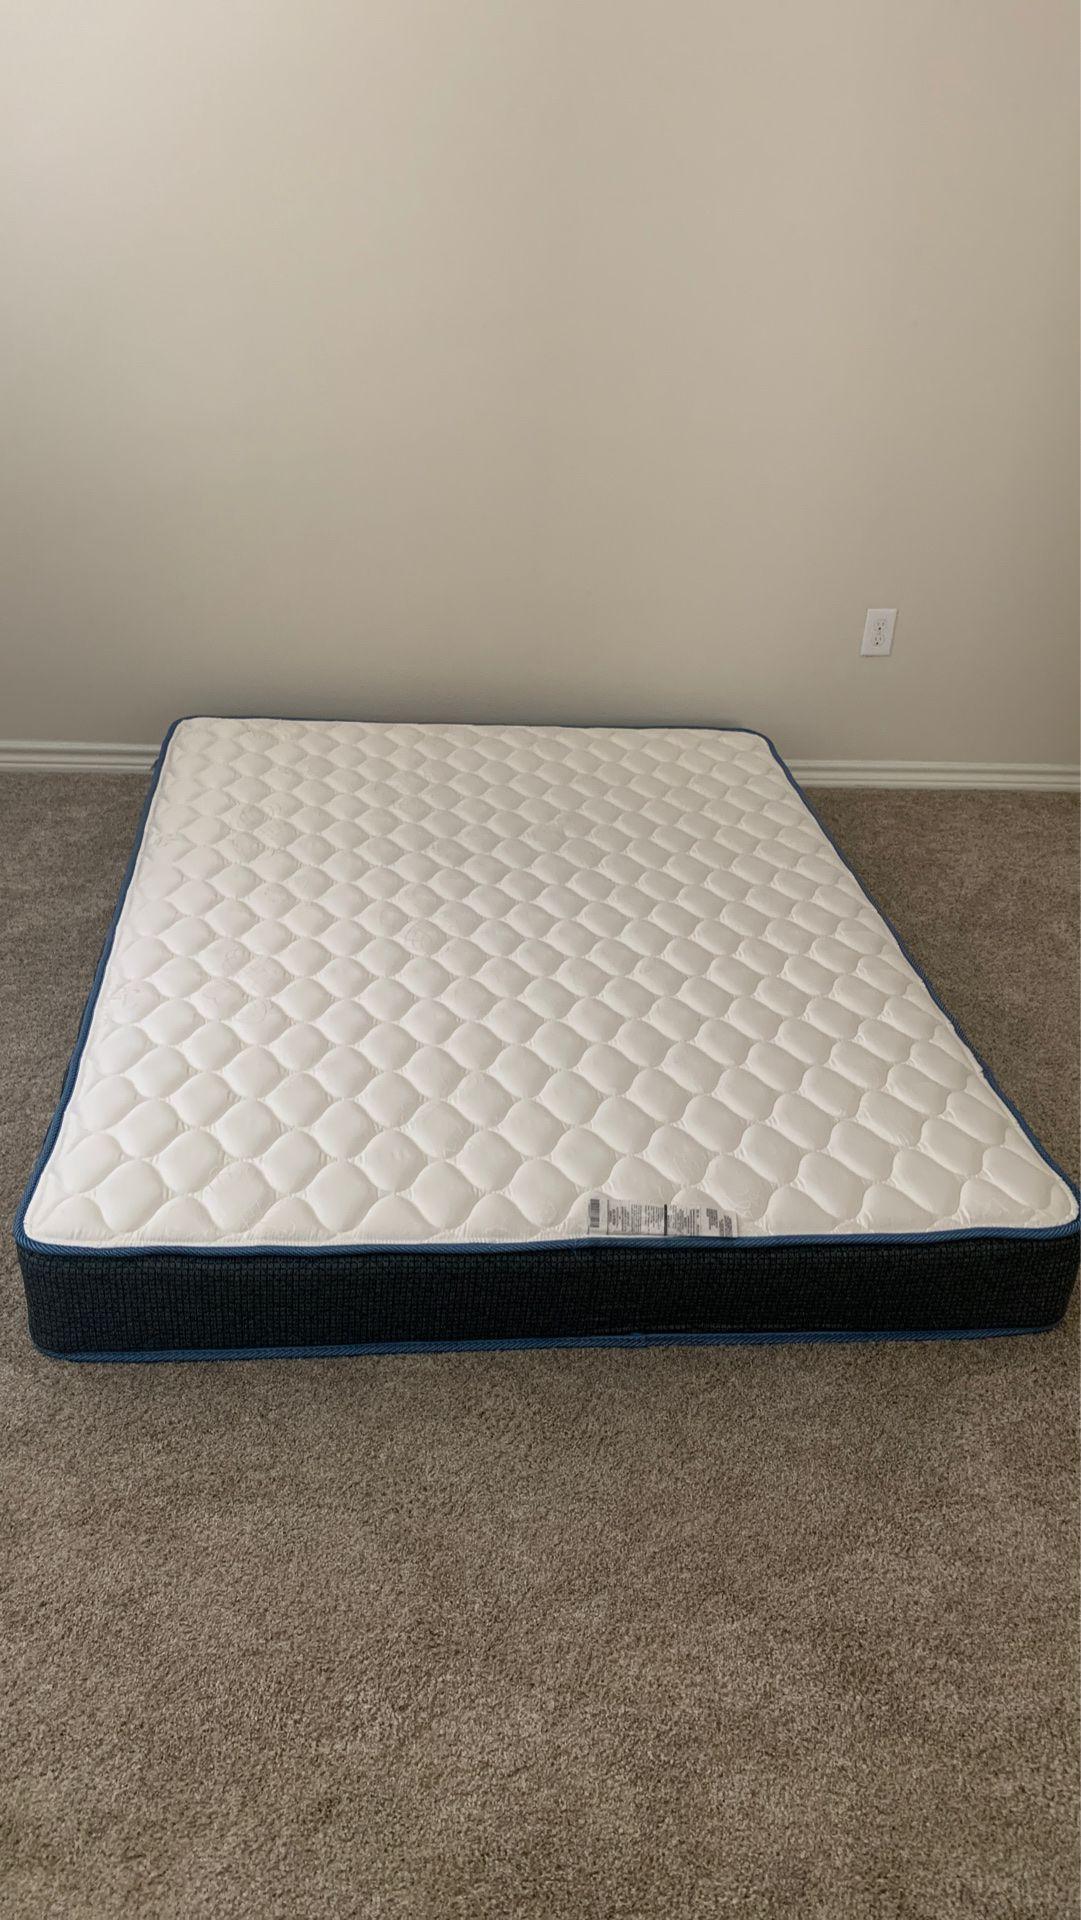 Sleepy's basic mattress firm - queen size